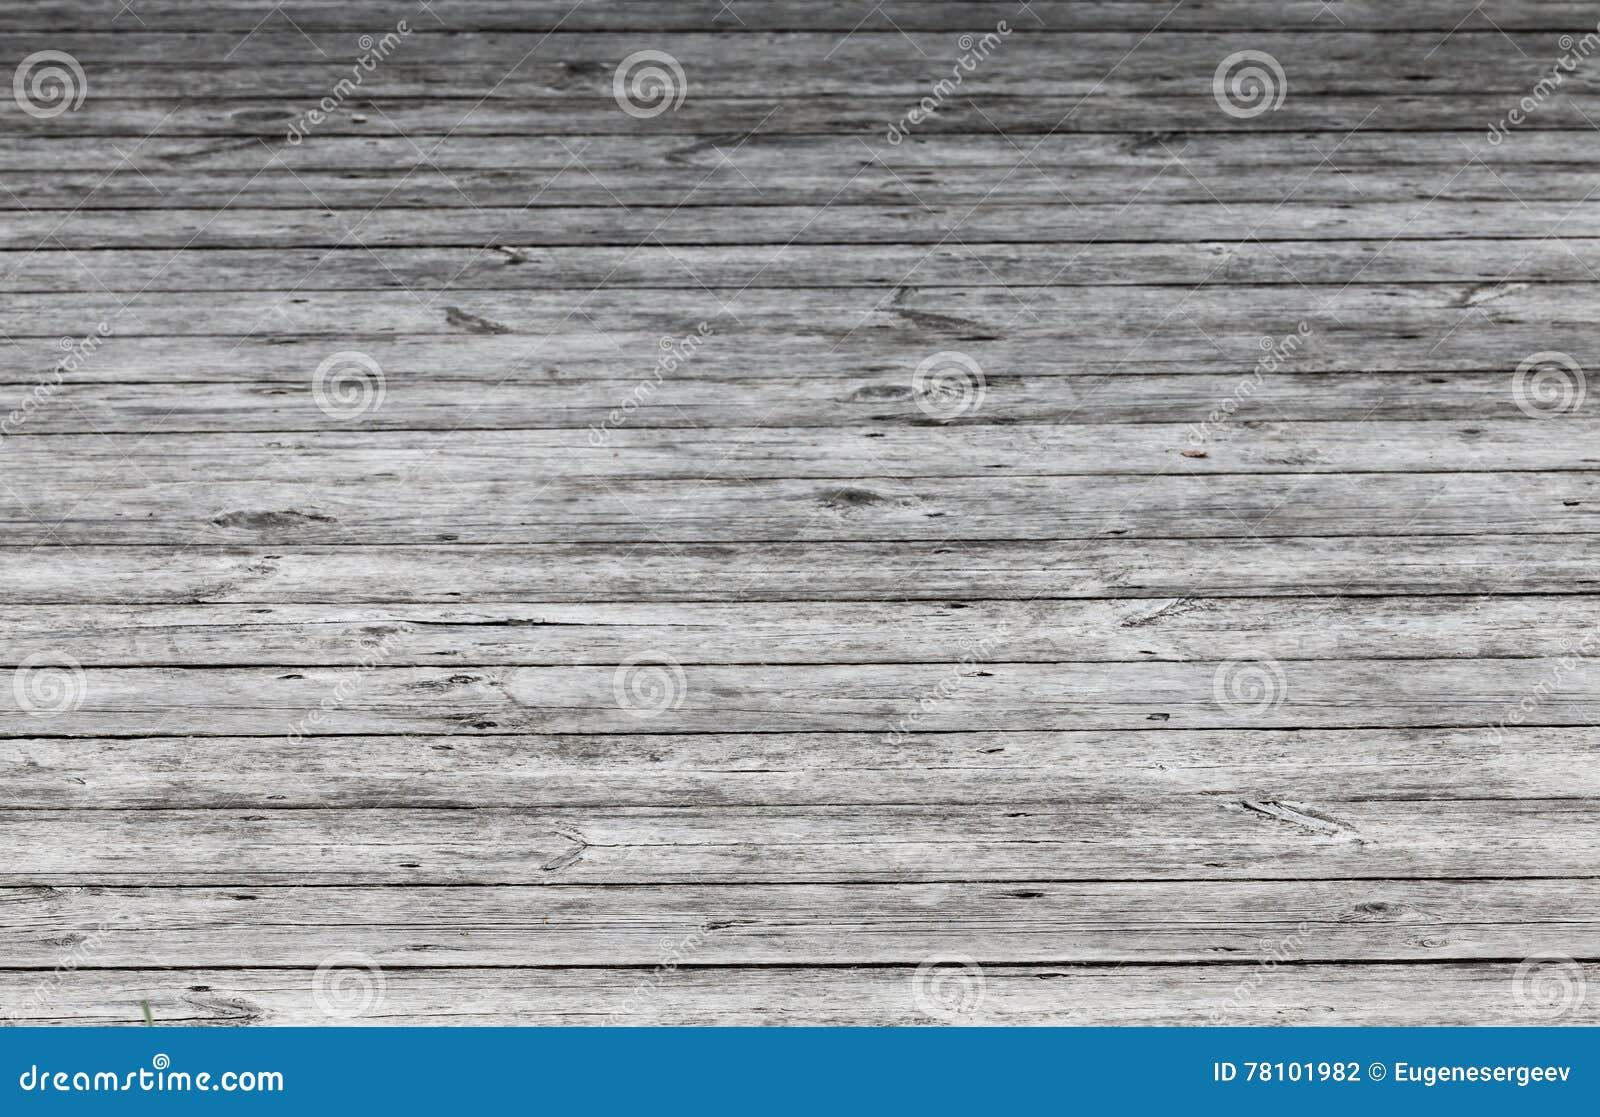 Oude grijze houten vloer achtergrond foto stock foto afbeelding